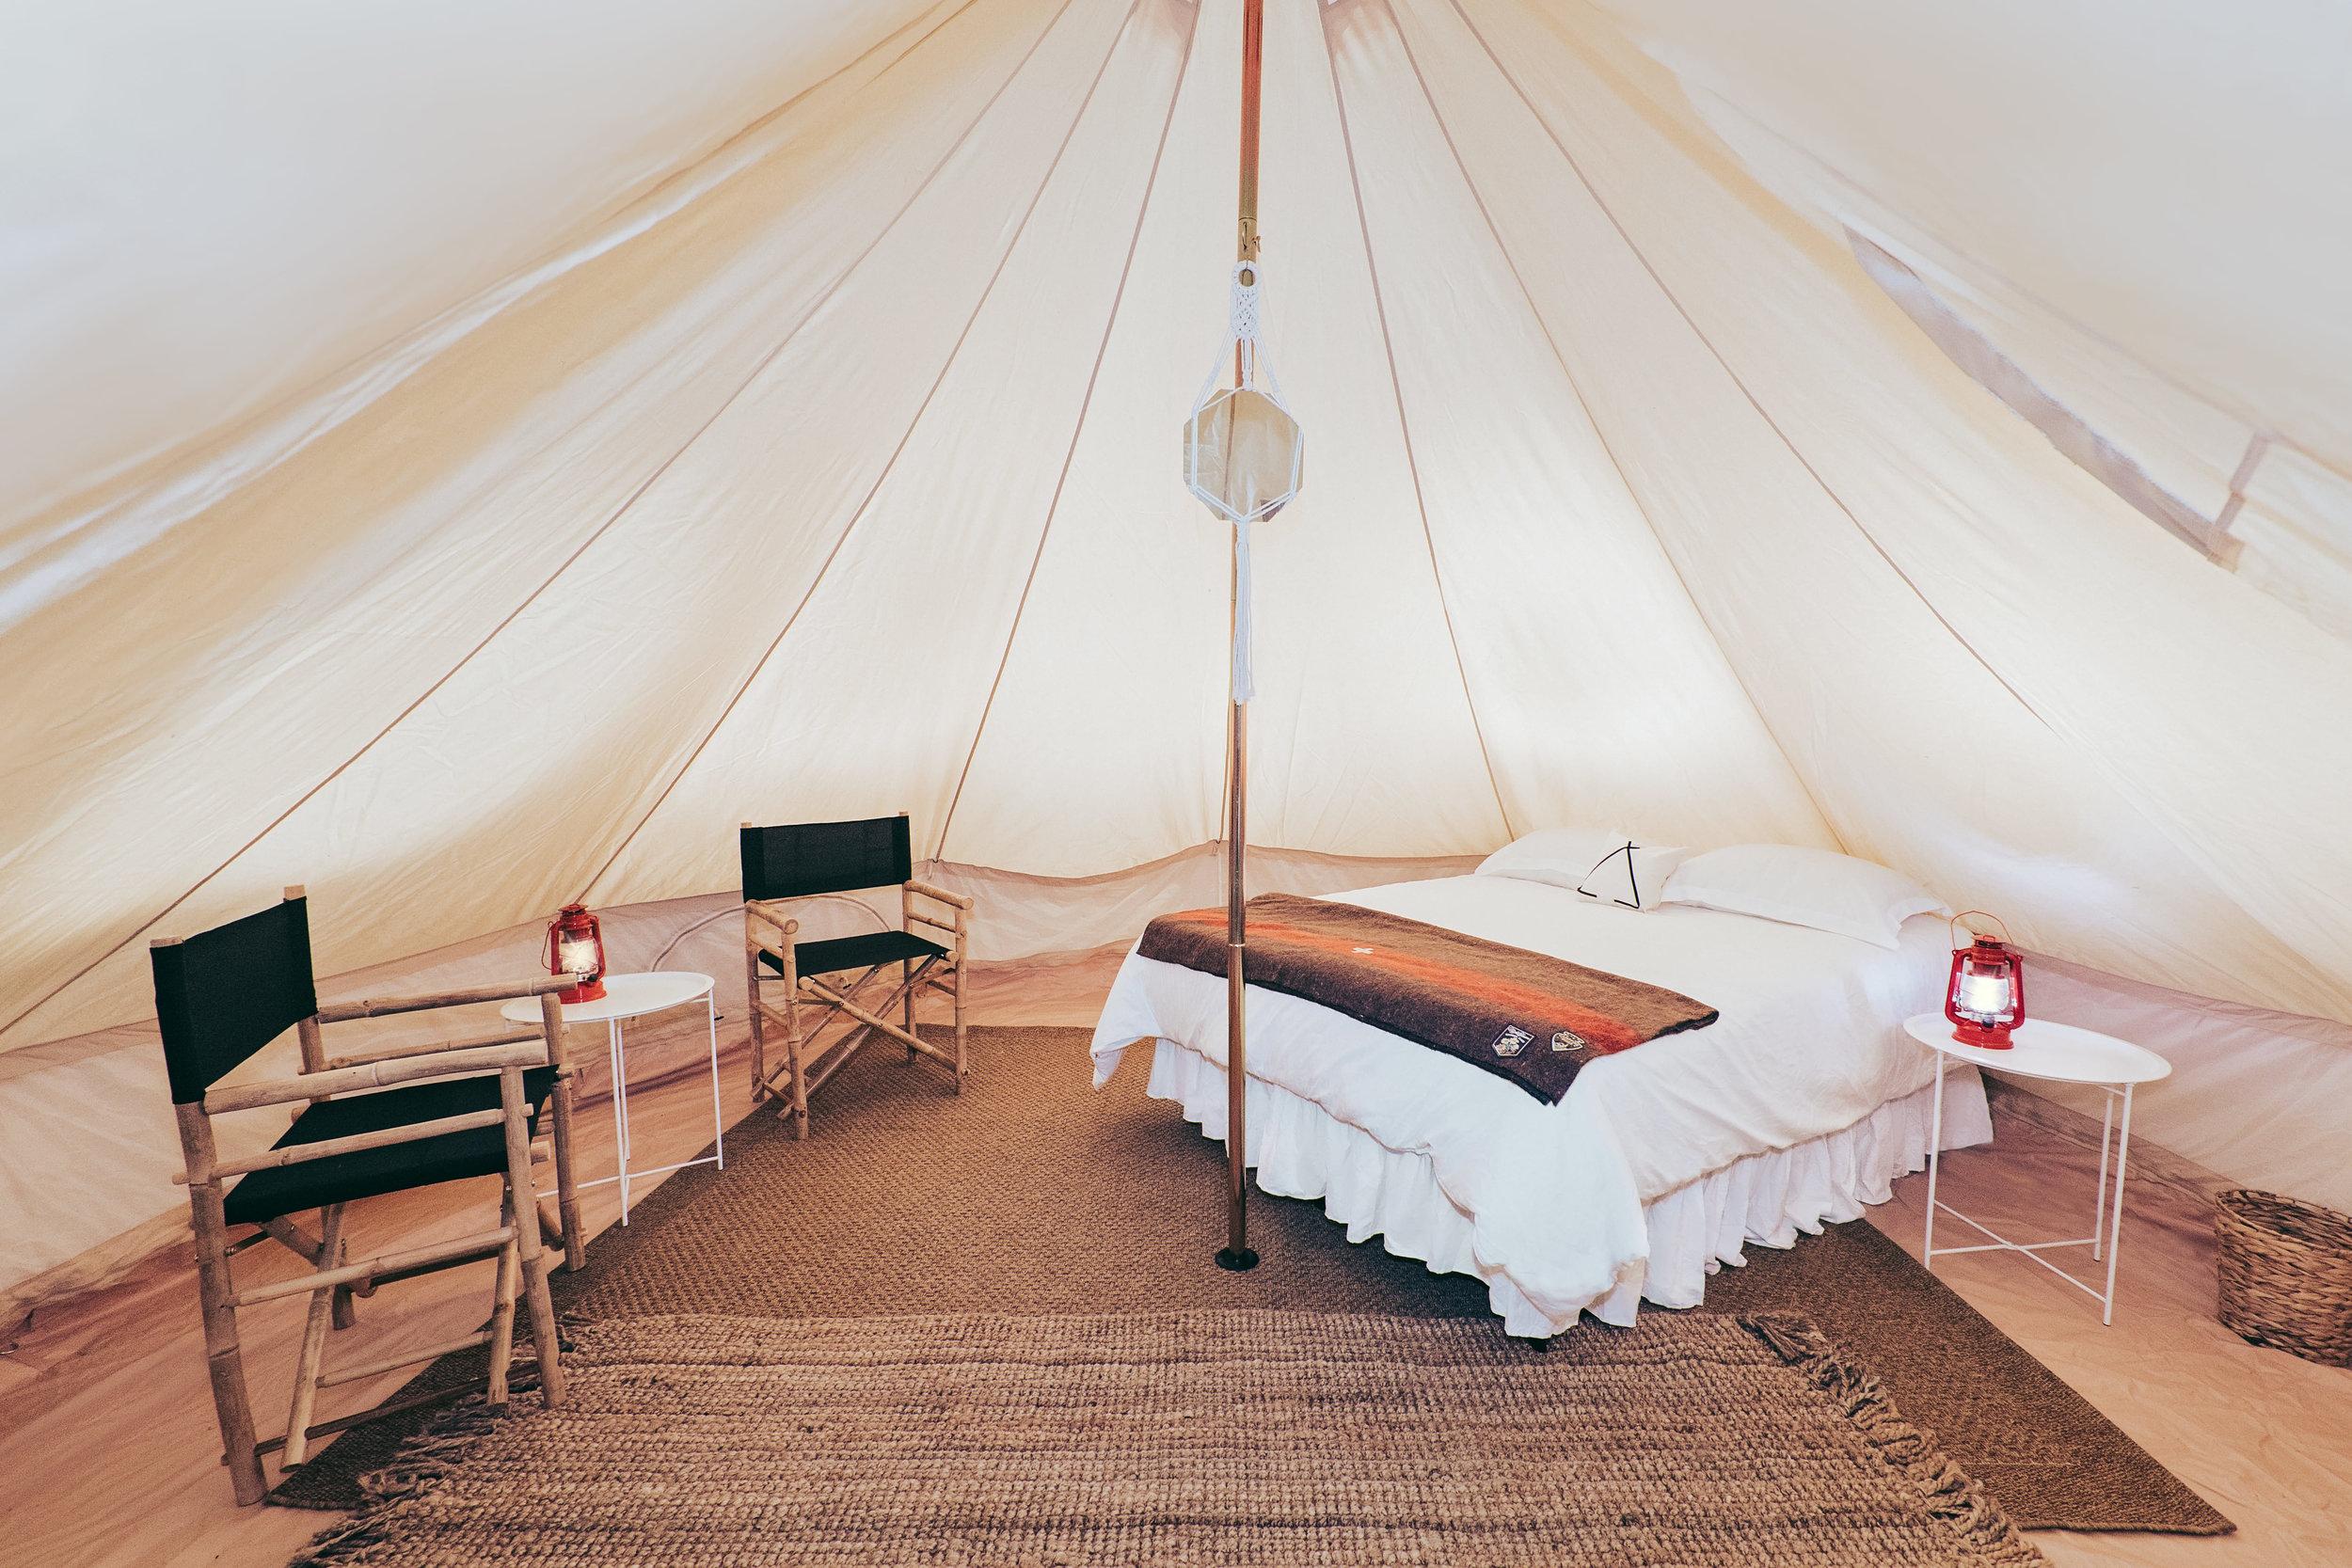 queen bed bell tent set-up